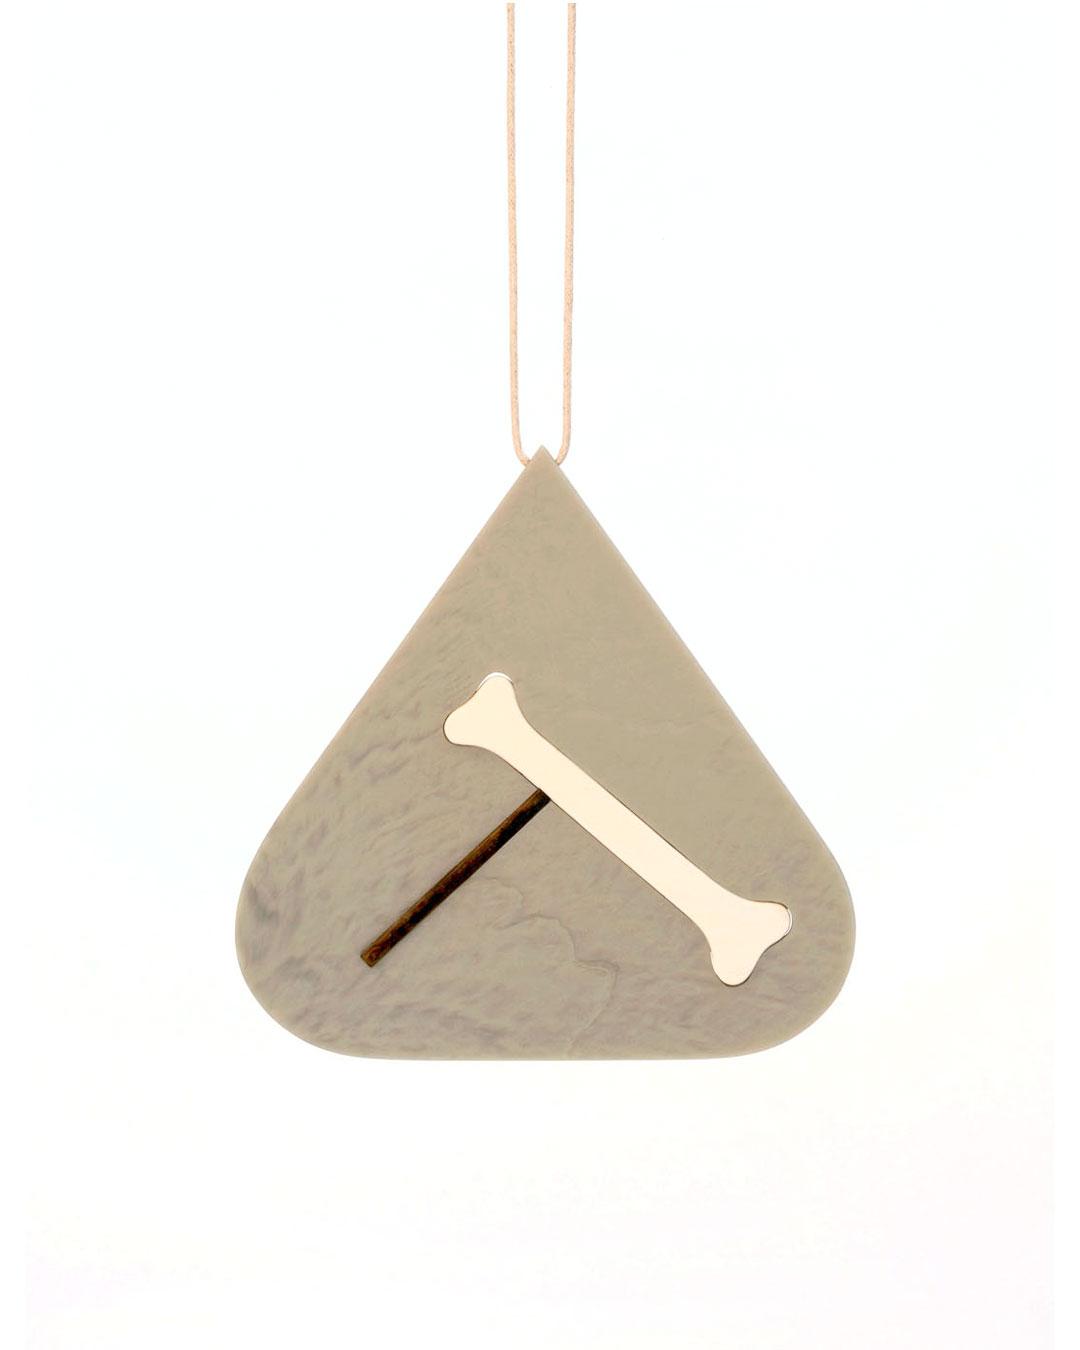 Julia Walter, Balance, 2014, hanger; Galalith, eik, katoenen draad, 130 x 130 x 5 mm, € 2180